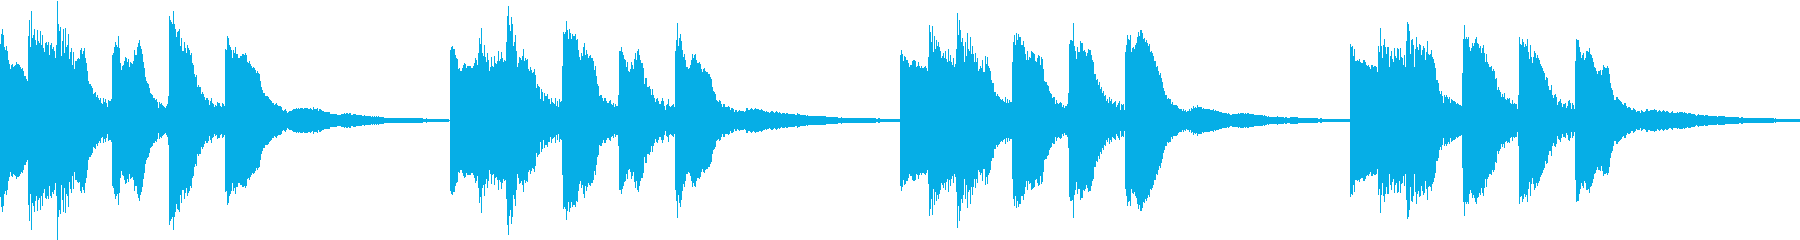 シンプル ベル 着信音 チャイム B-2の再生済みの波形